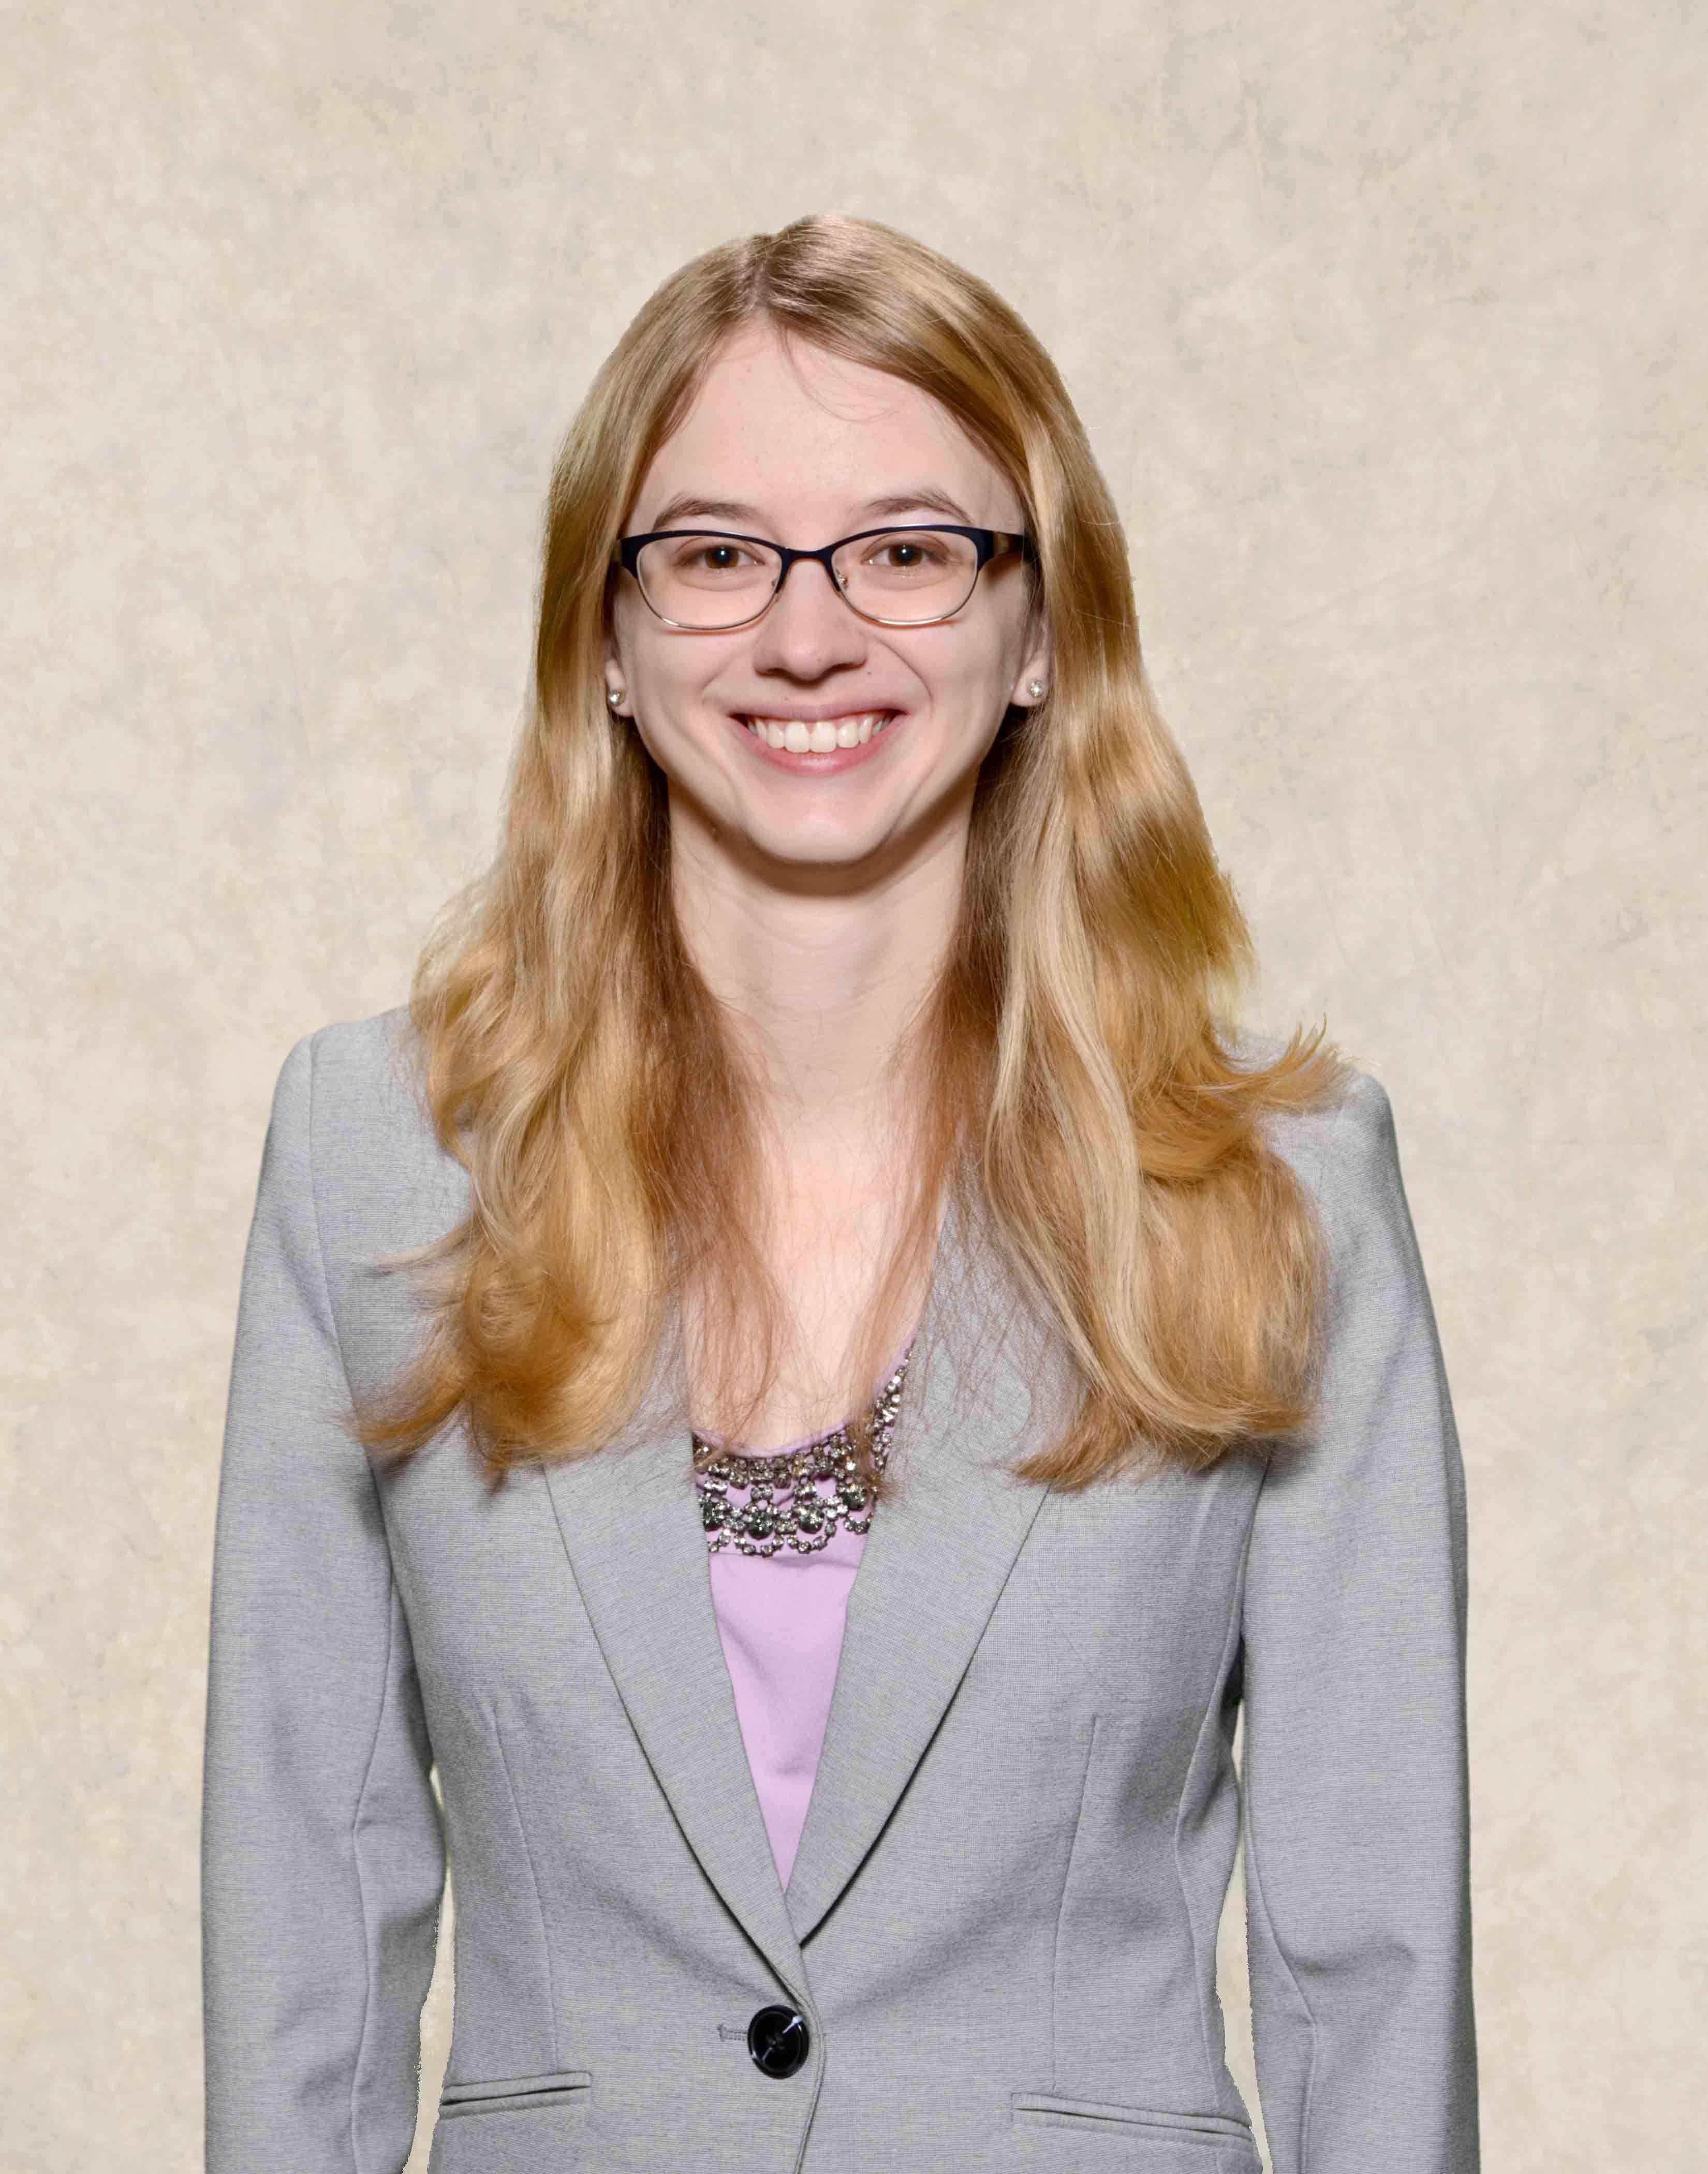 Hannah wittkopf